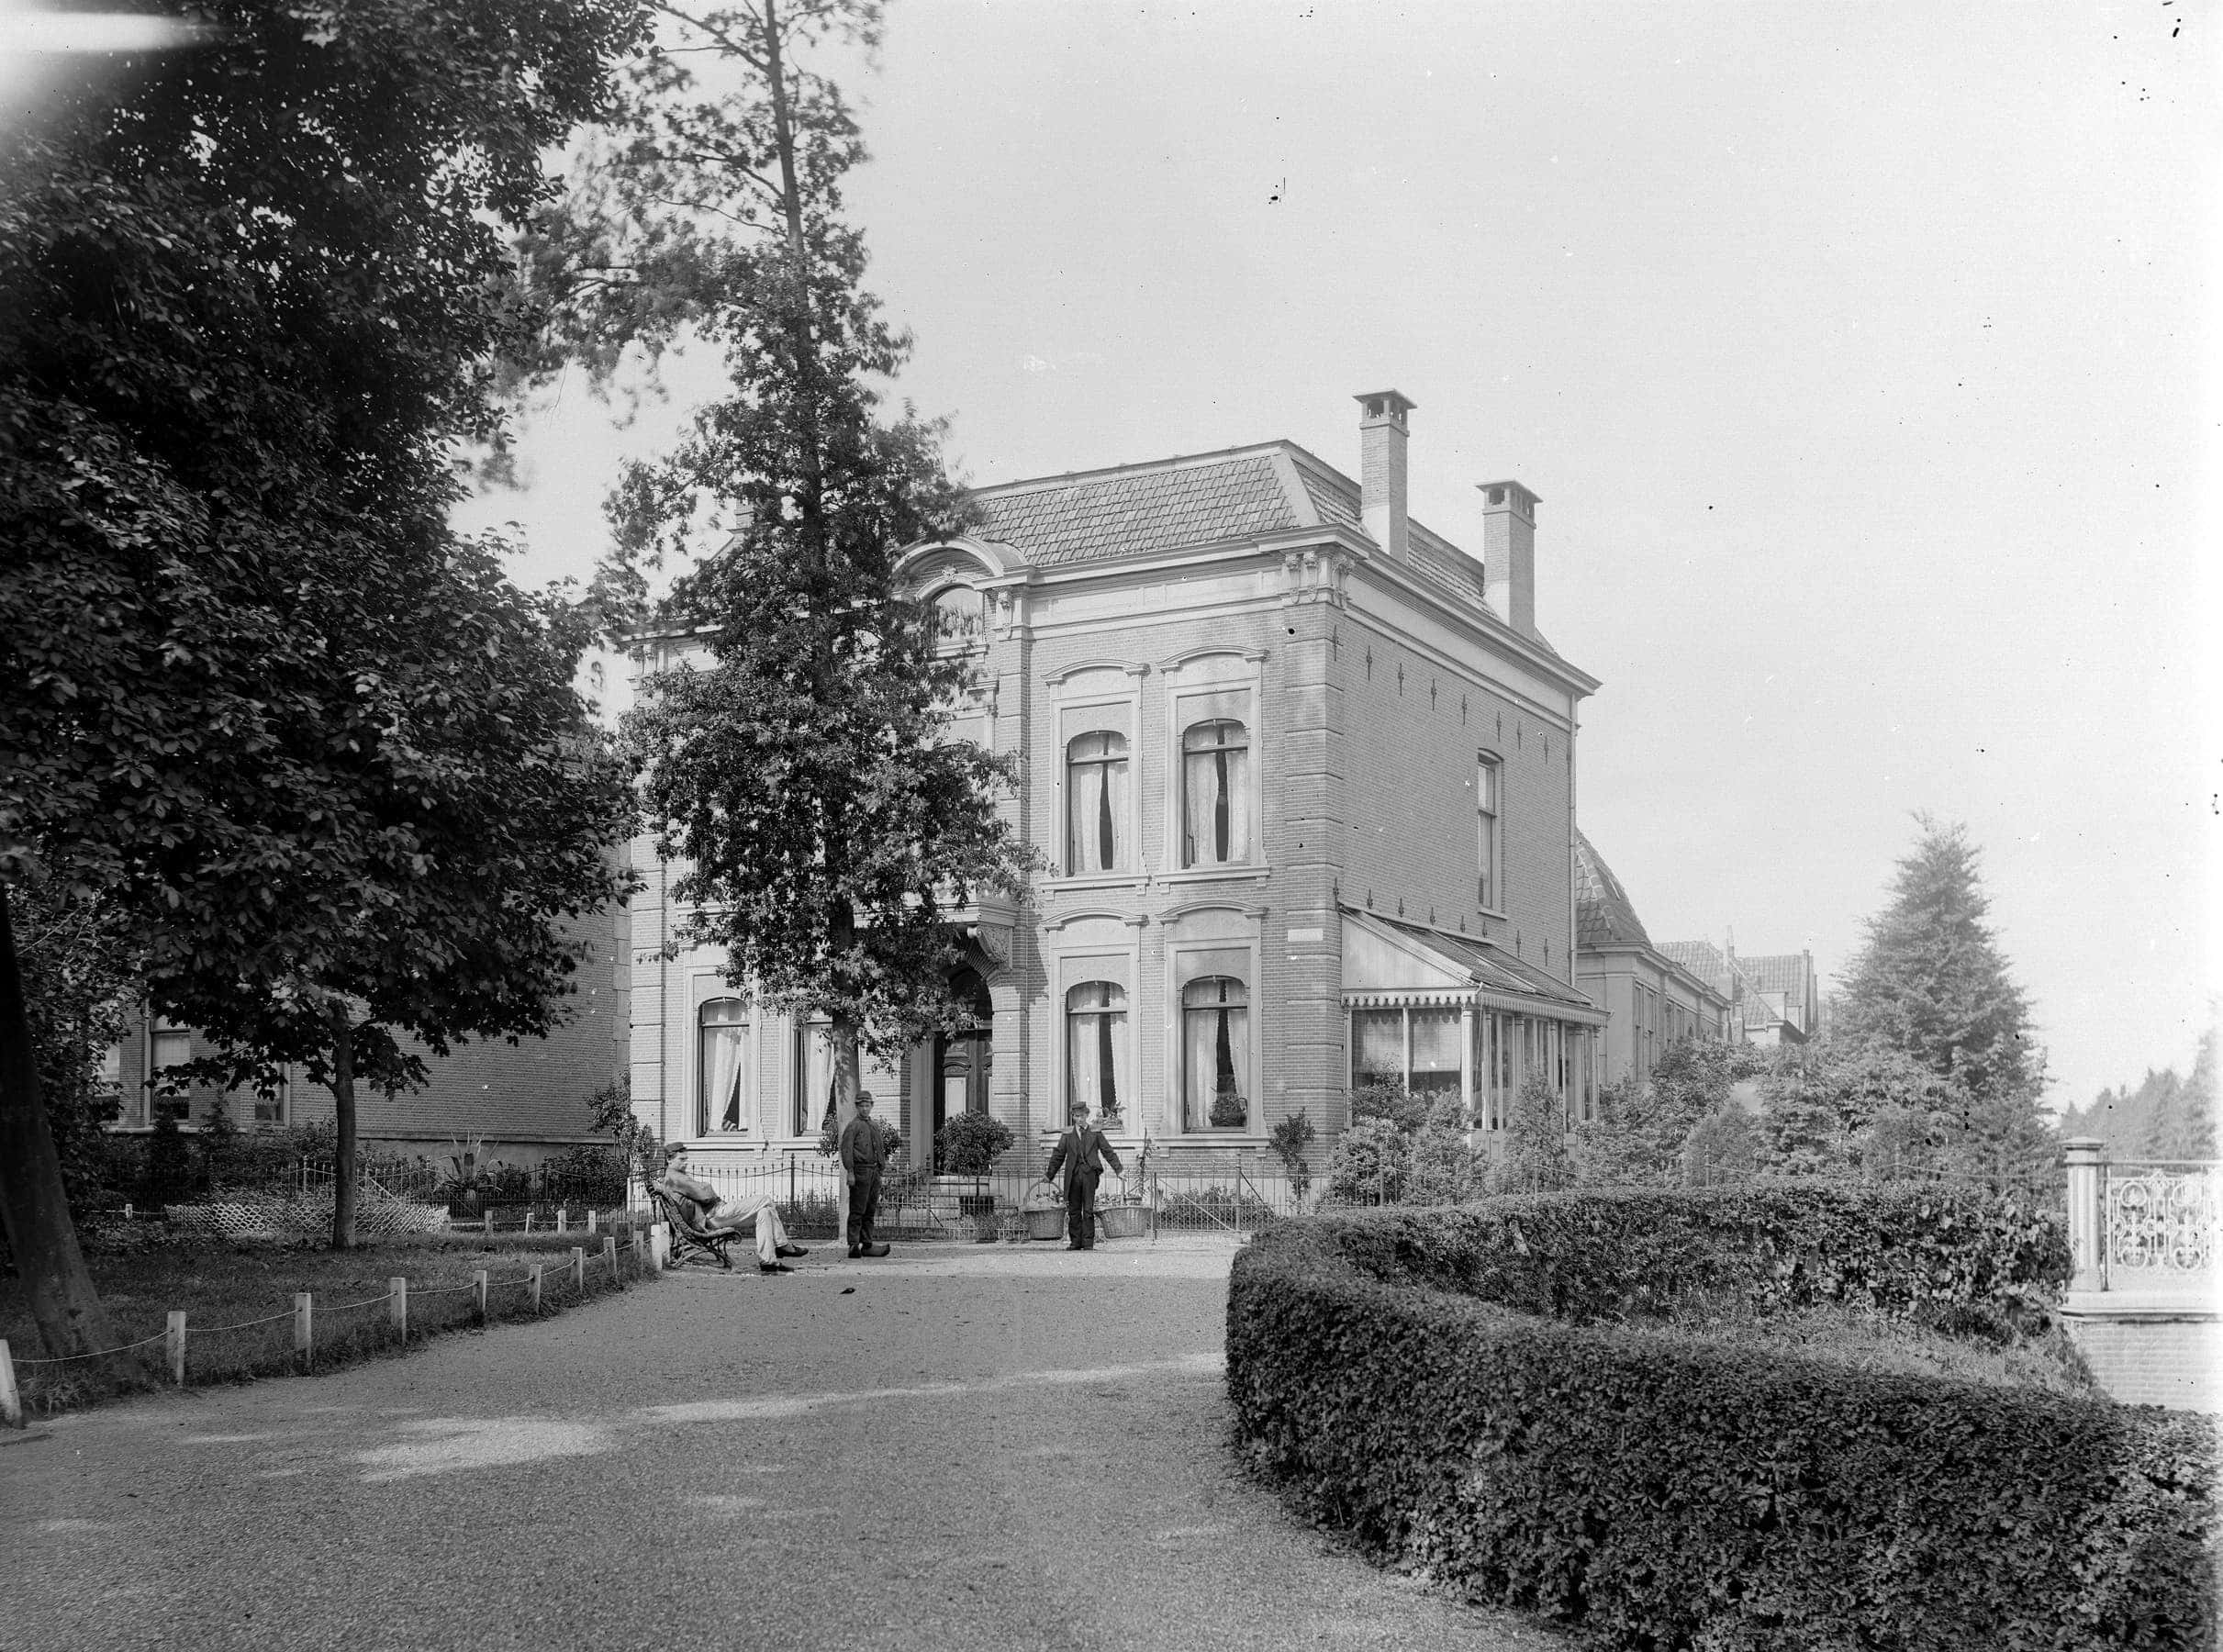 Plantsoen in Leiden historisch pand